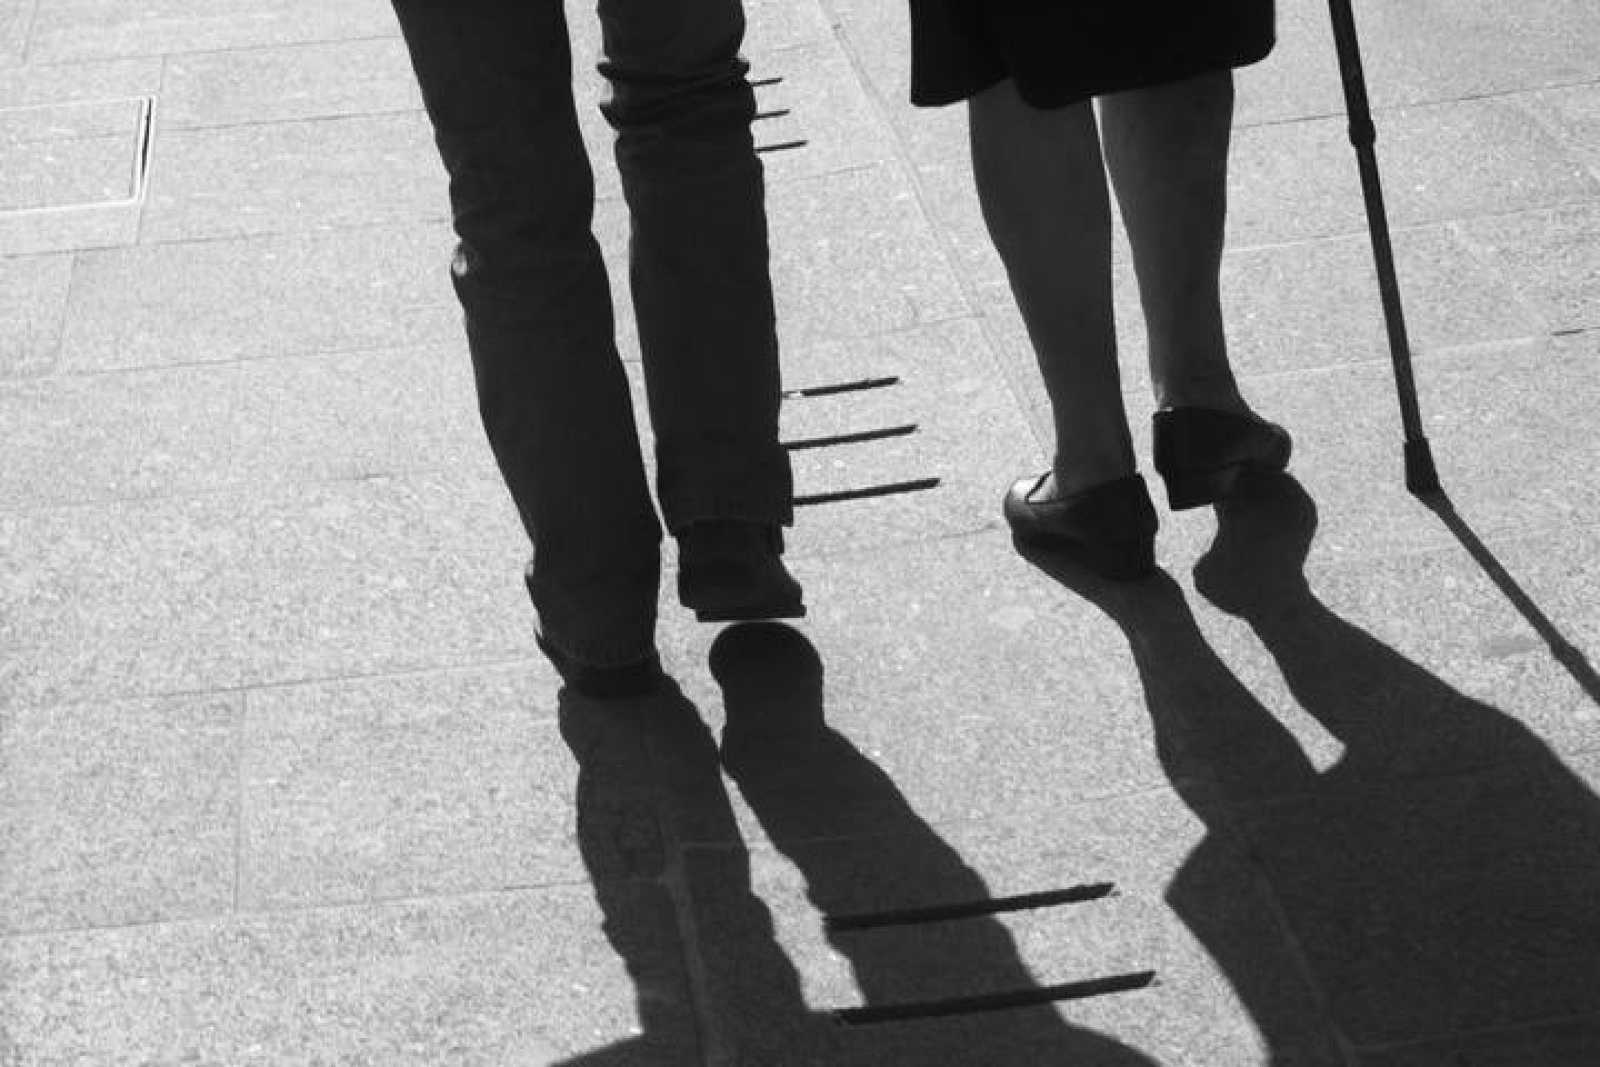 El Gobierno prevé reducir en 809 millones el gasto de la Seguridad Social en 2014 con la aplicación del nuevo índice de revalorización anual de las pensiones